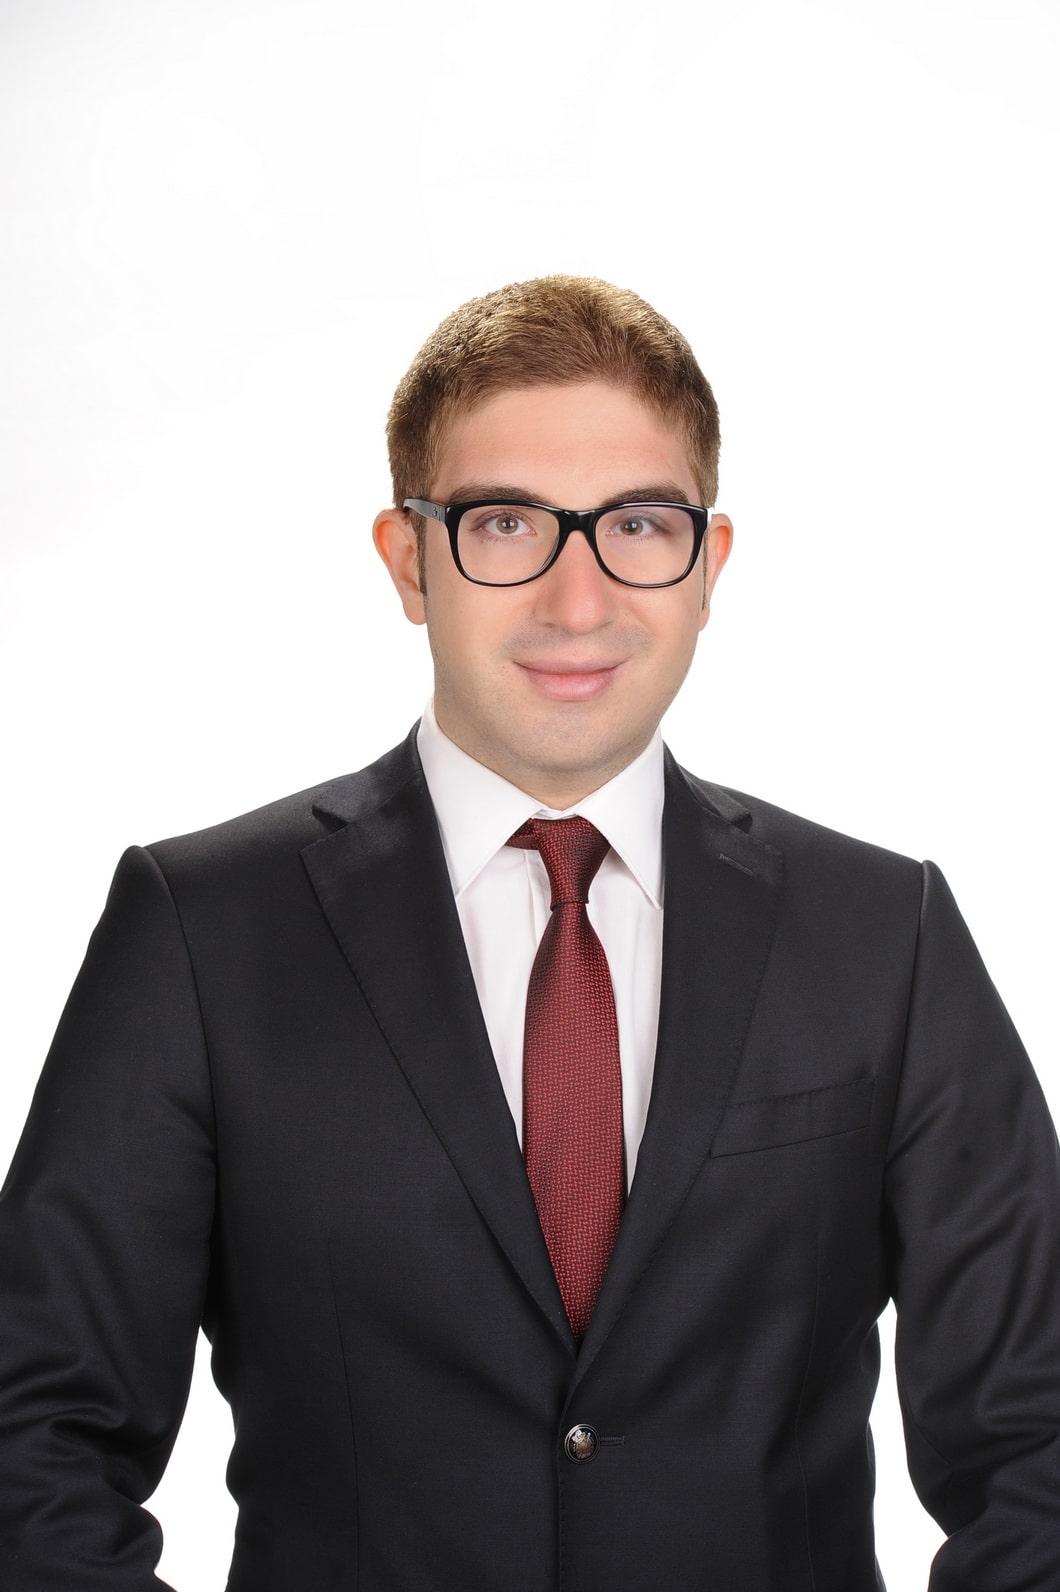 Cihan Yüzbaşıoğlu